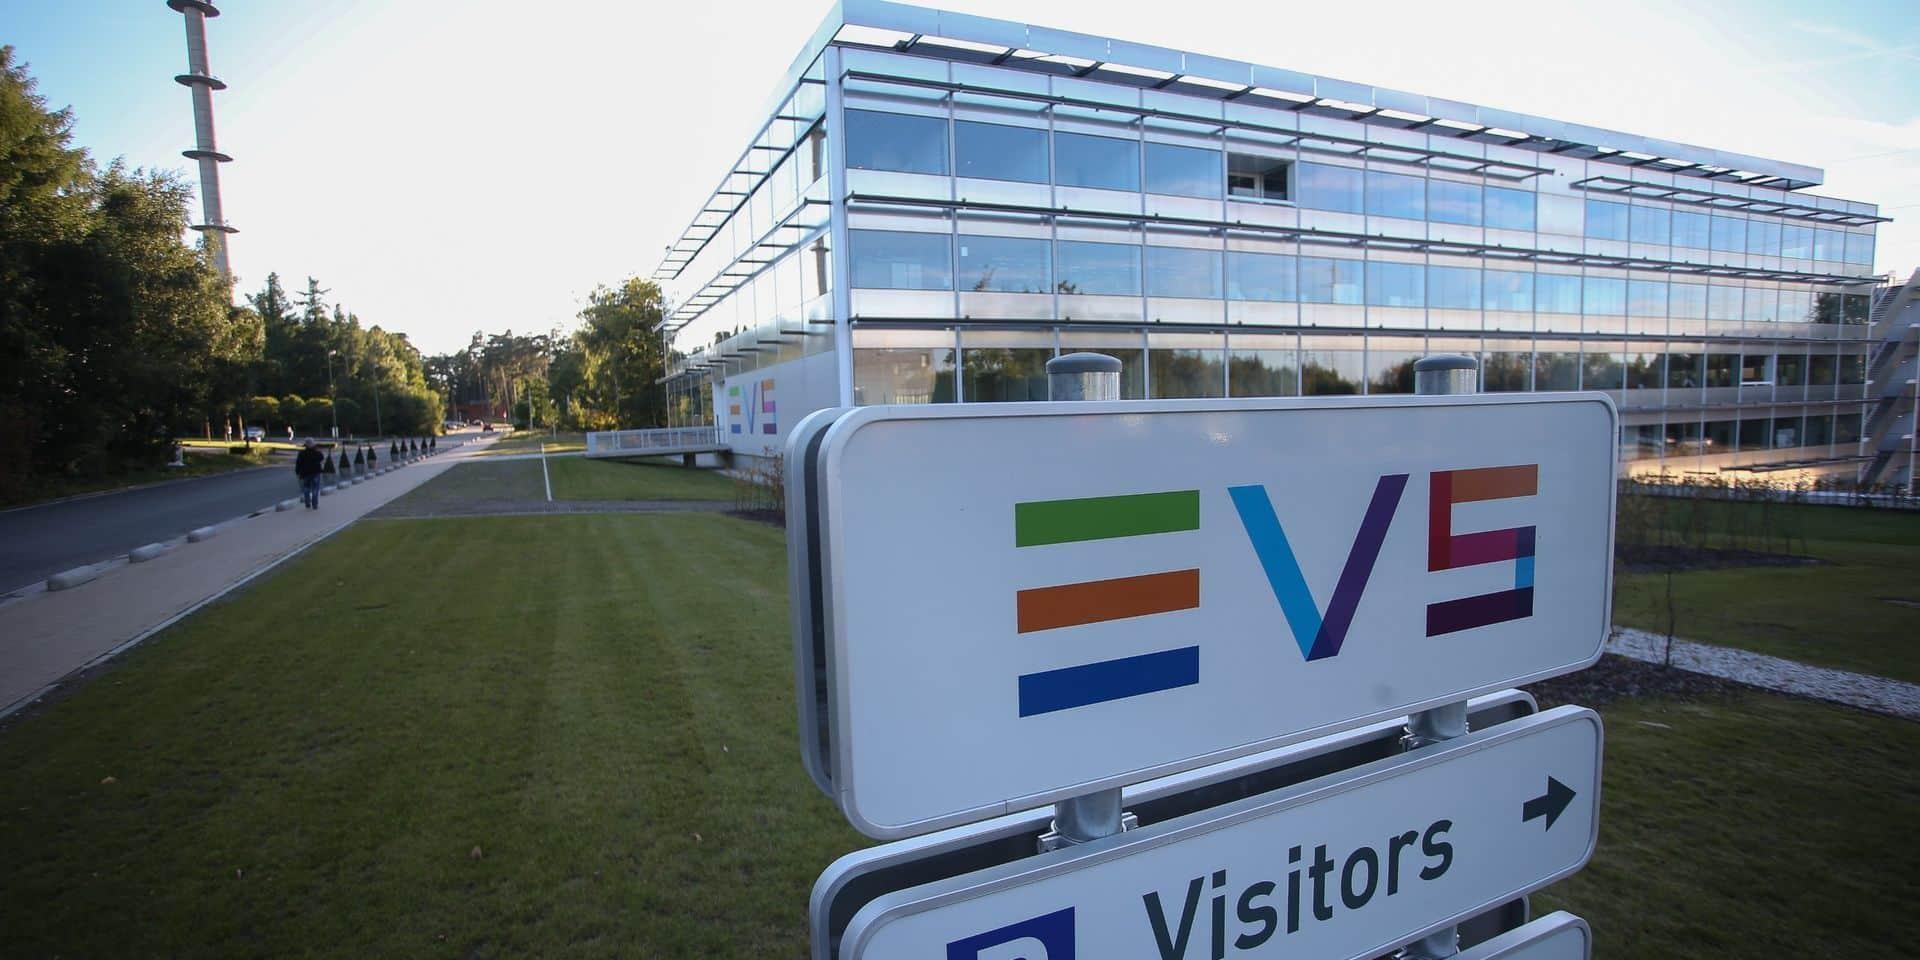 """""""Nous avons décidé de maintenir tous les membres de notre équipe au travail afin de continuer à fournir le service de qualité auquel nos clients et partenaires commerciaux sont habitués"""", se félicitait Serge Van Heck, CEO d'EVS."""